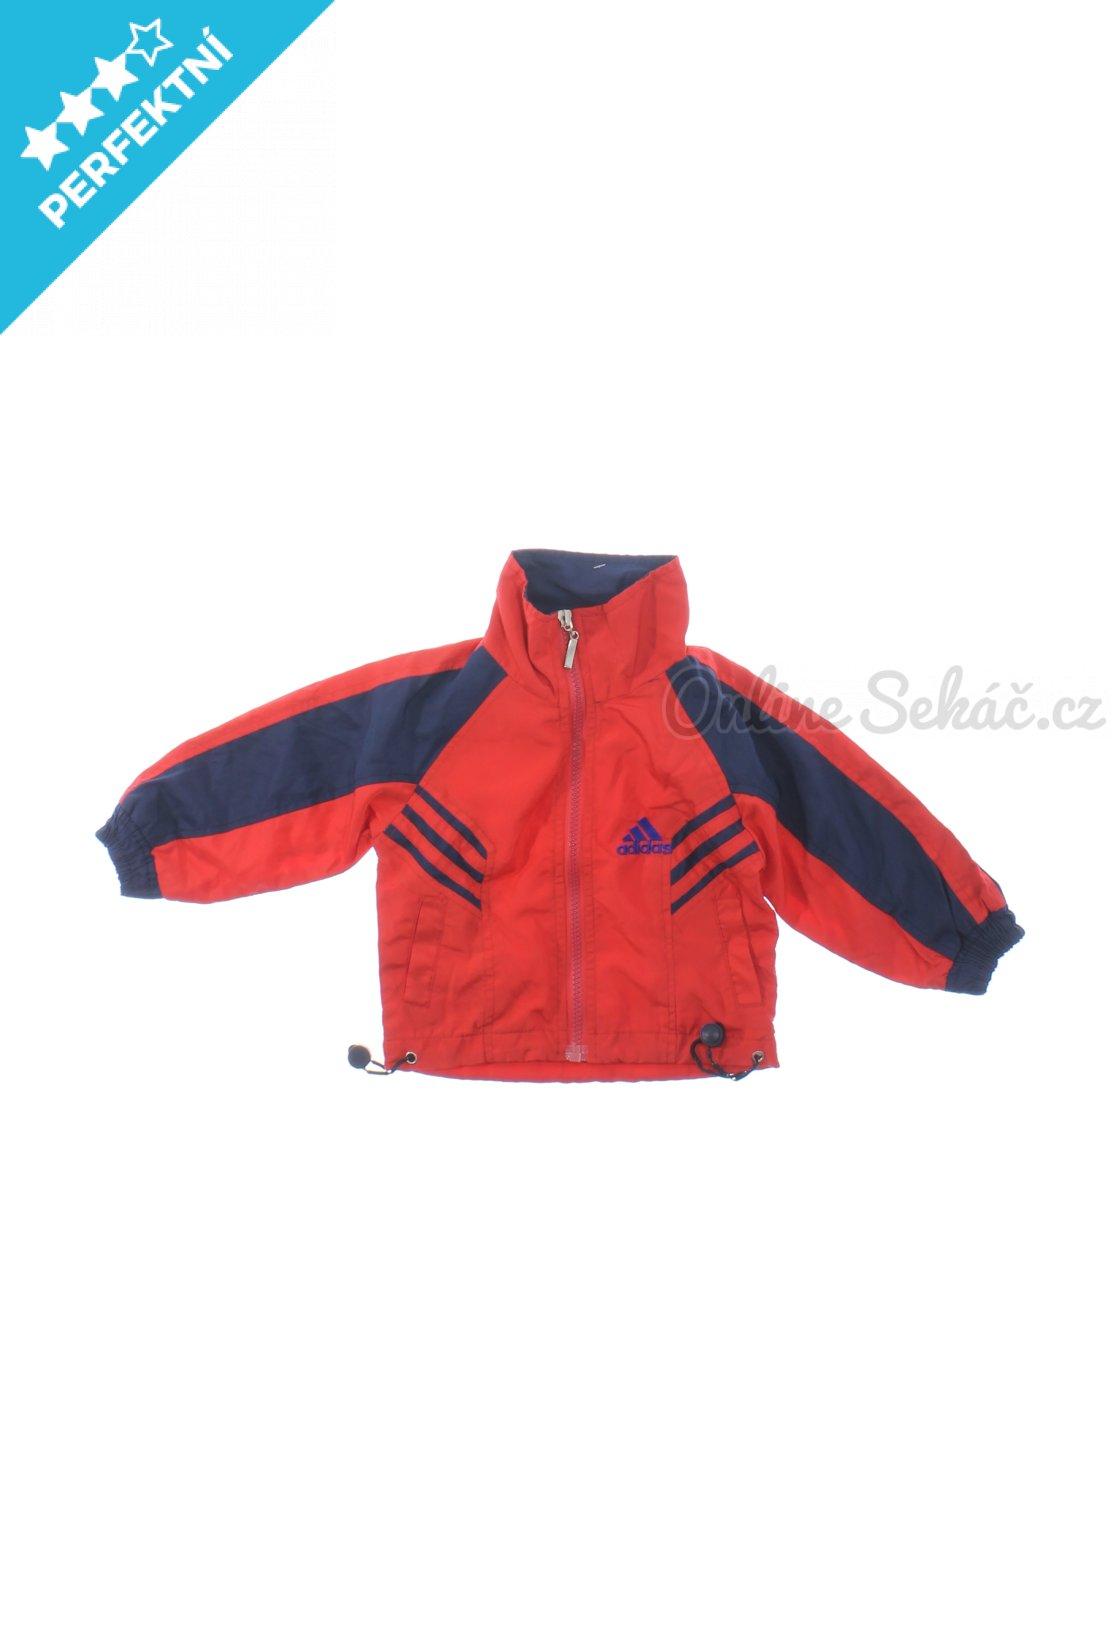 e5ec4868a91 Kojenecká jarní či podzimní bunda kabát xxx 80